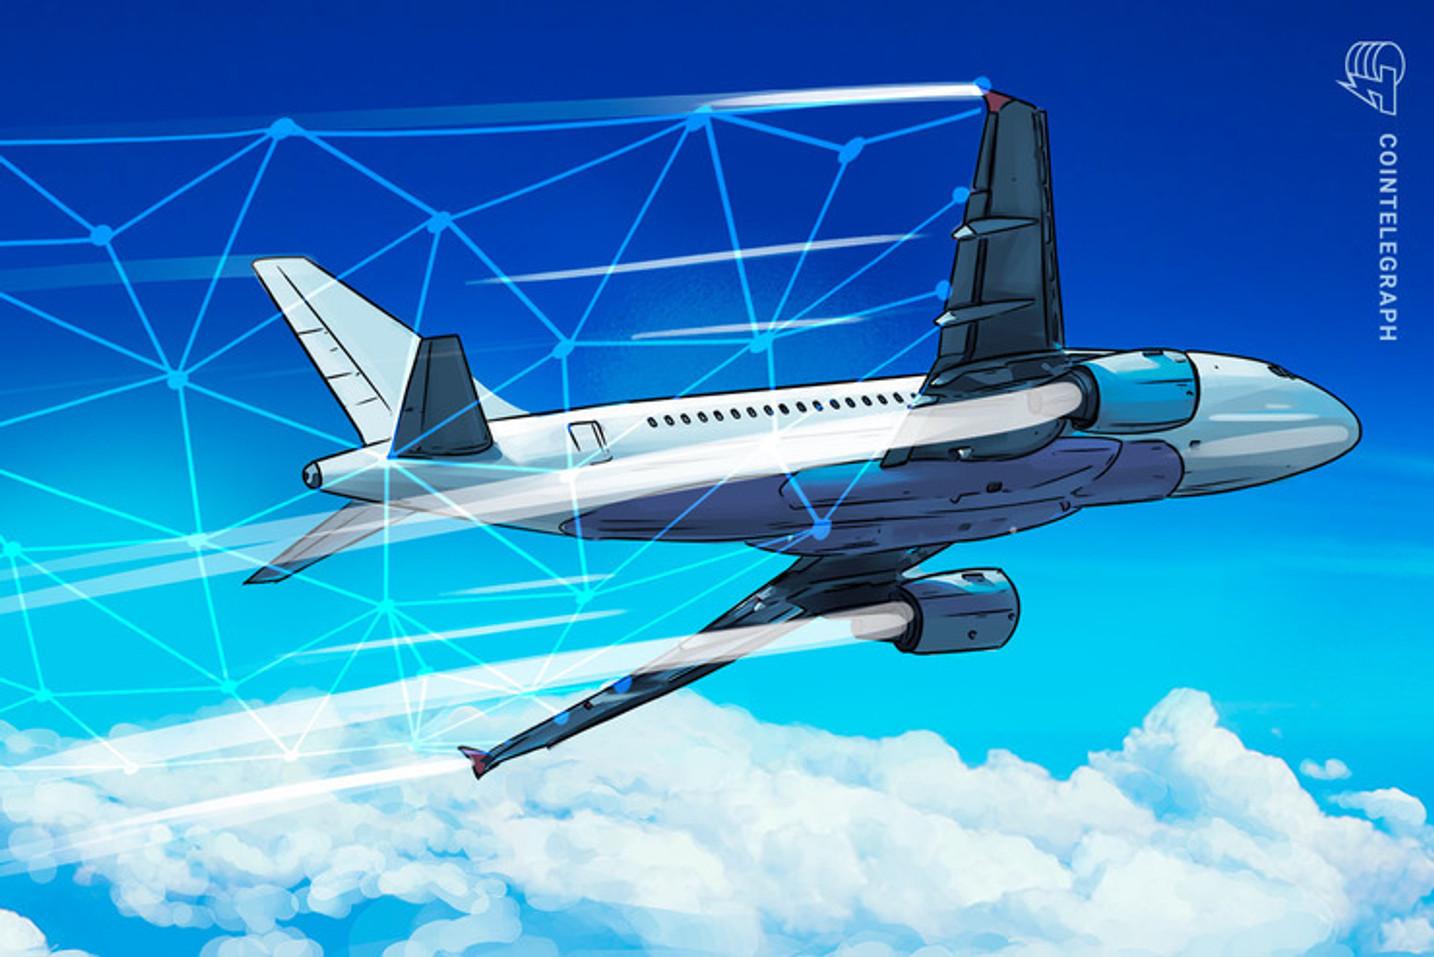 La tecnología Blockchain aplicada al derecho aeronáutico